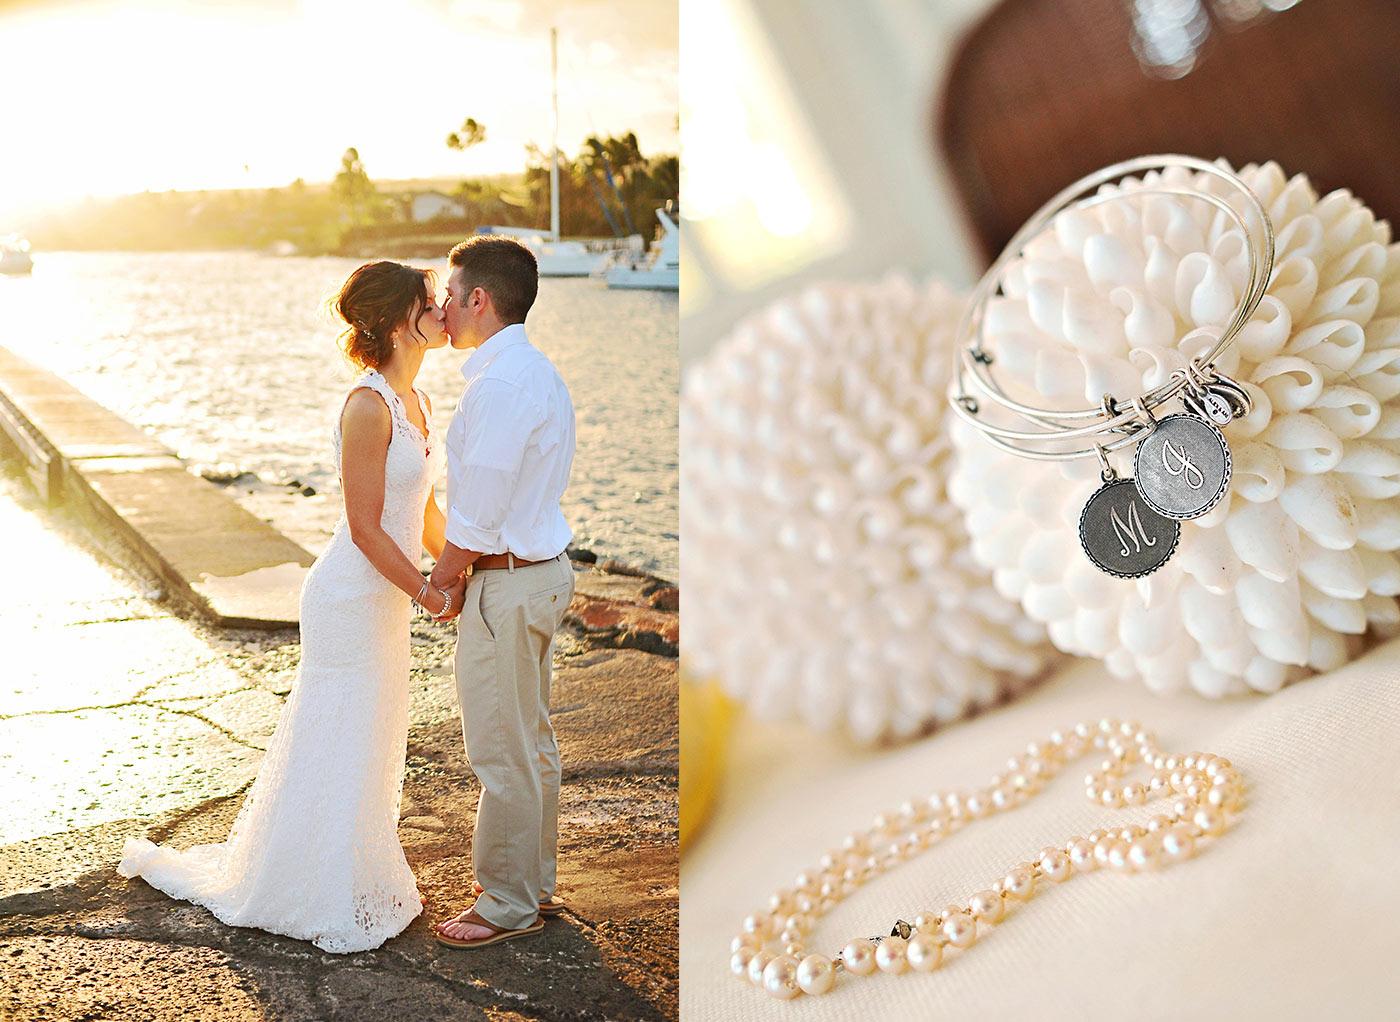 Kauai-Island-Hawaii-wedding-photo-(6).jpg